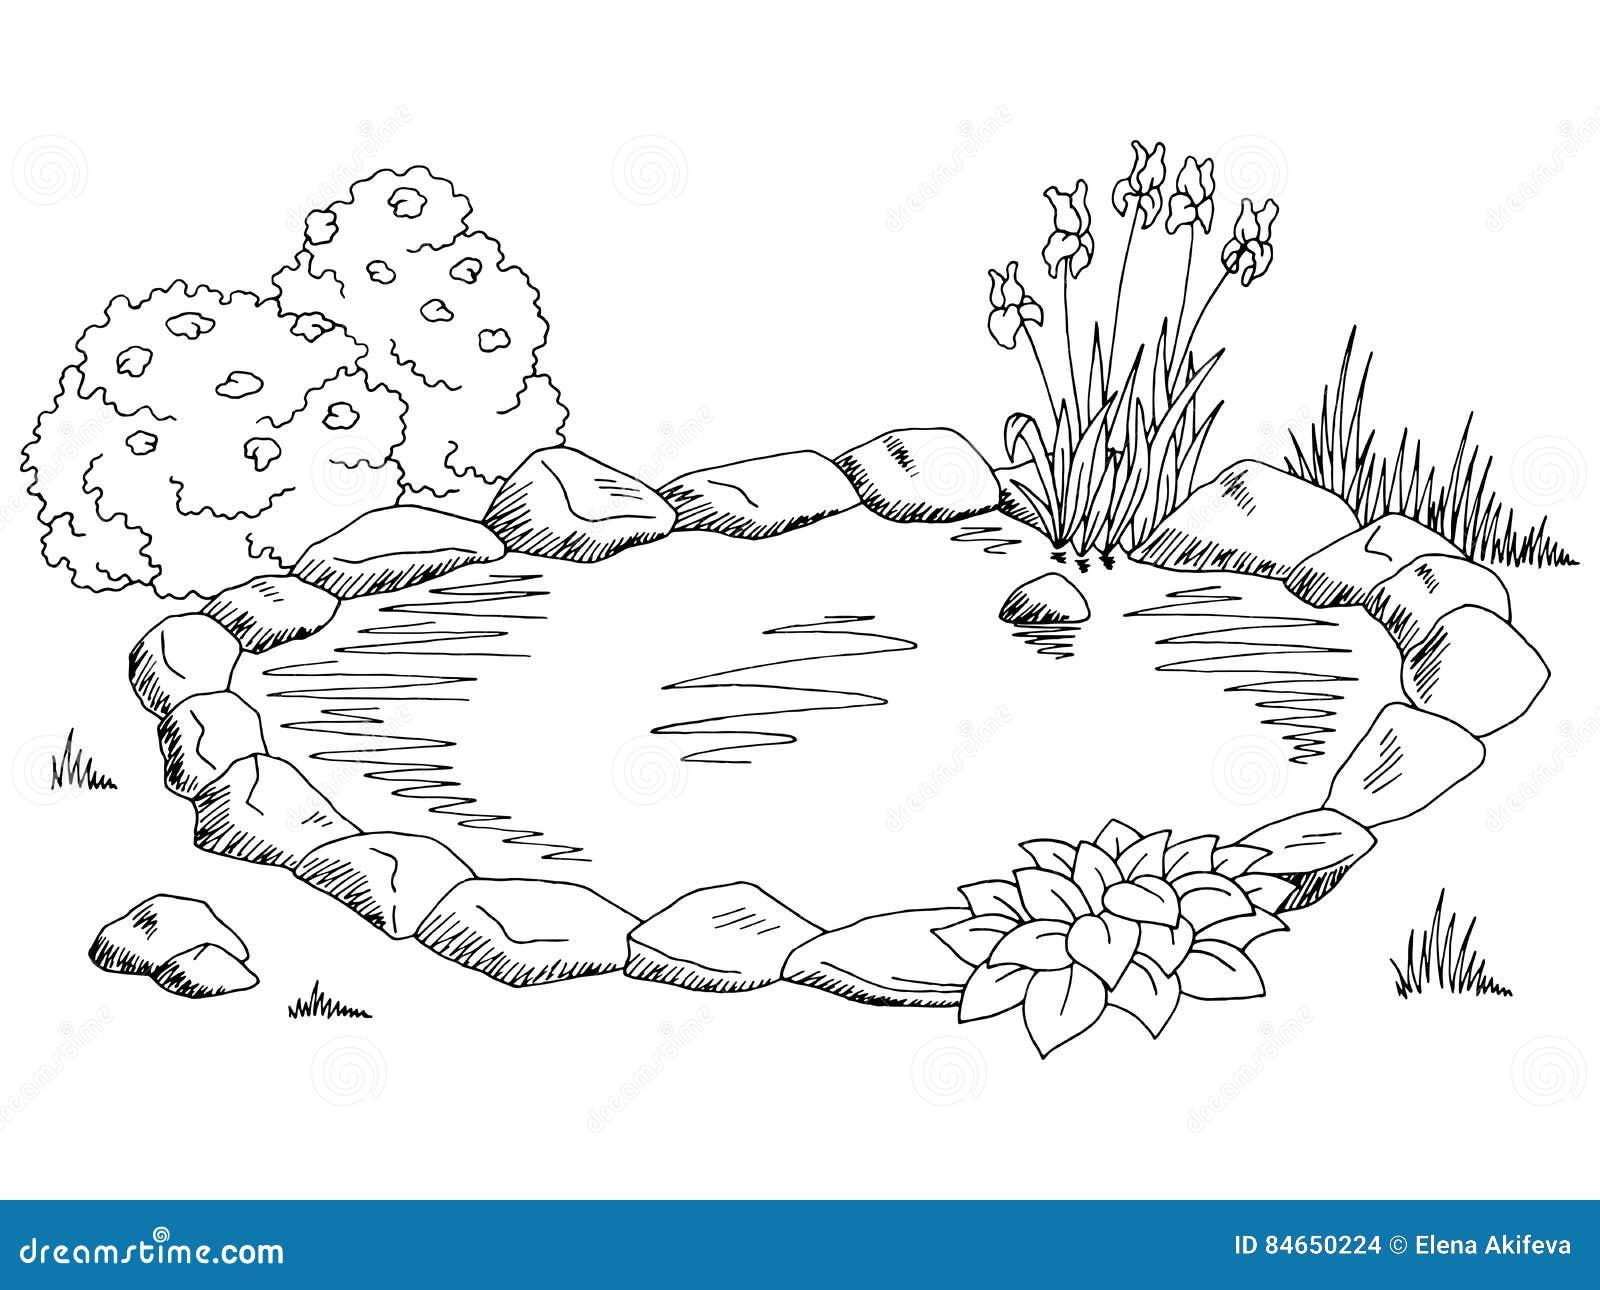 Pond Graphic Black White Landscape Sketch Illustration